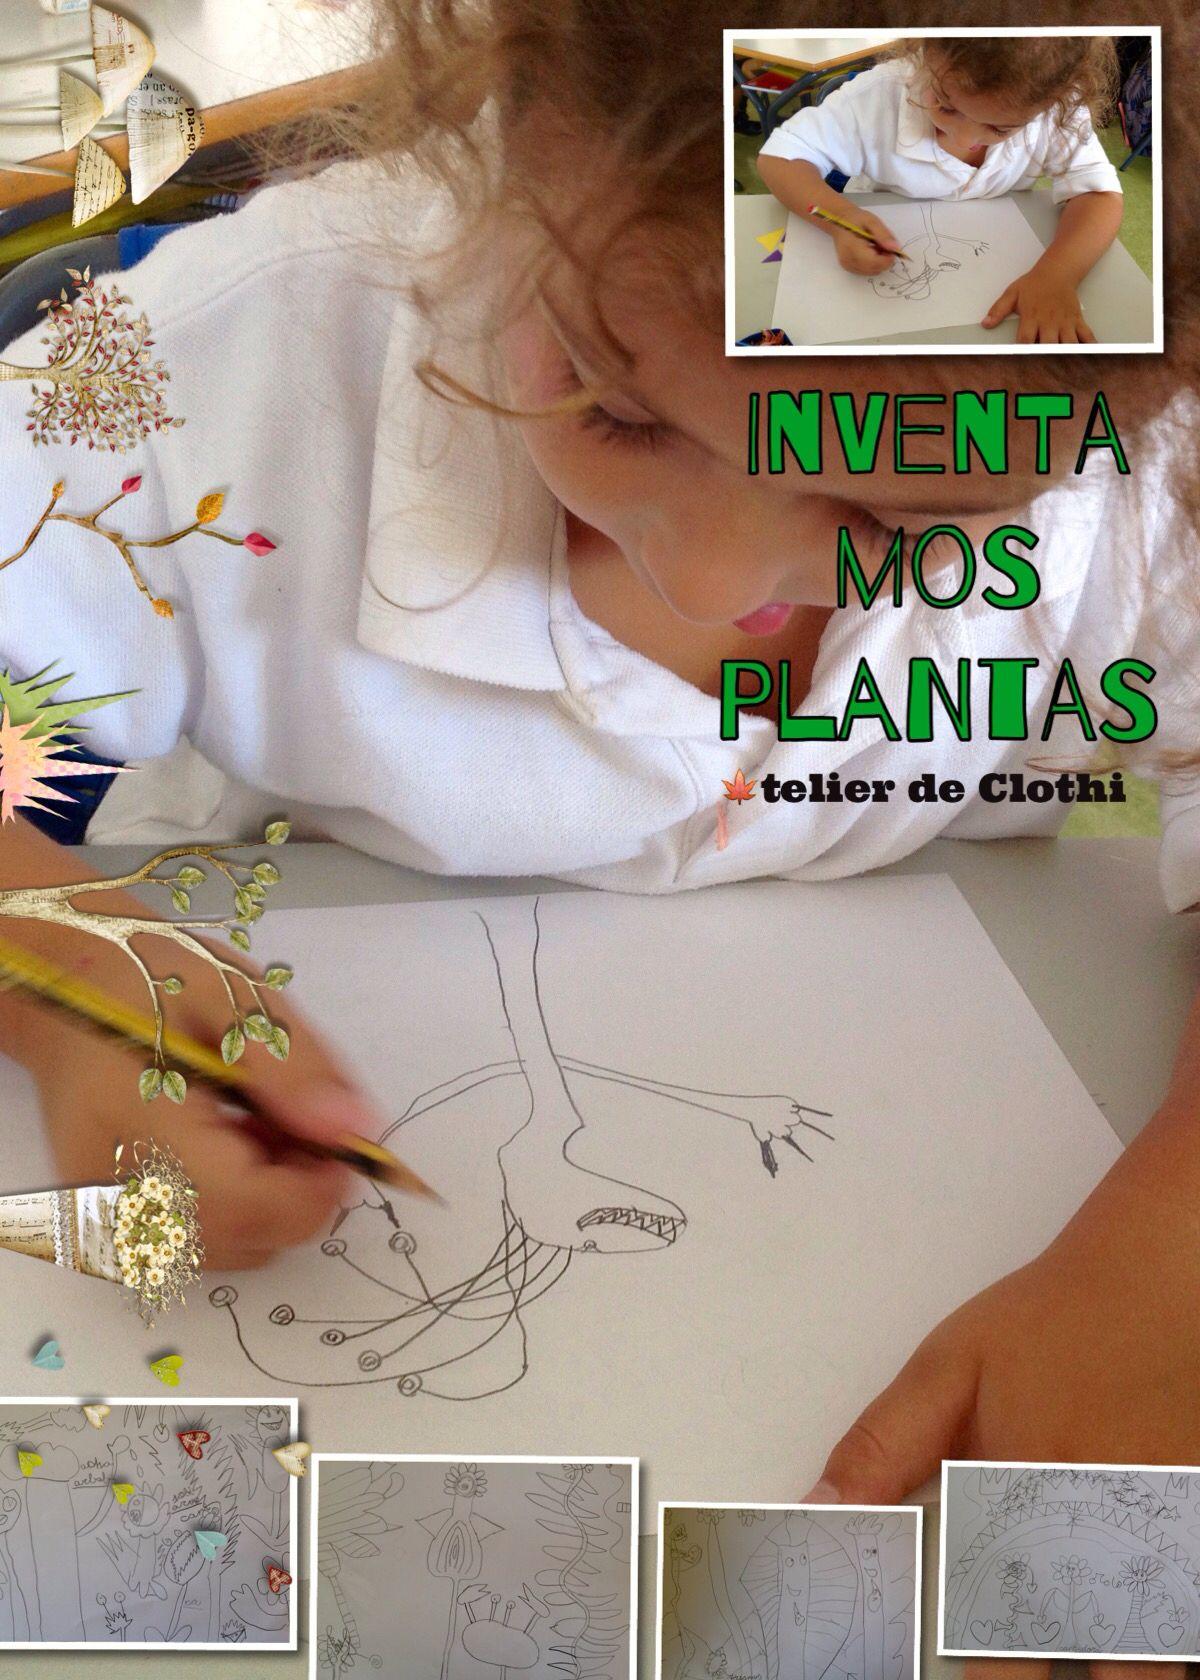 Plantas inventadas